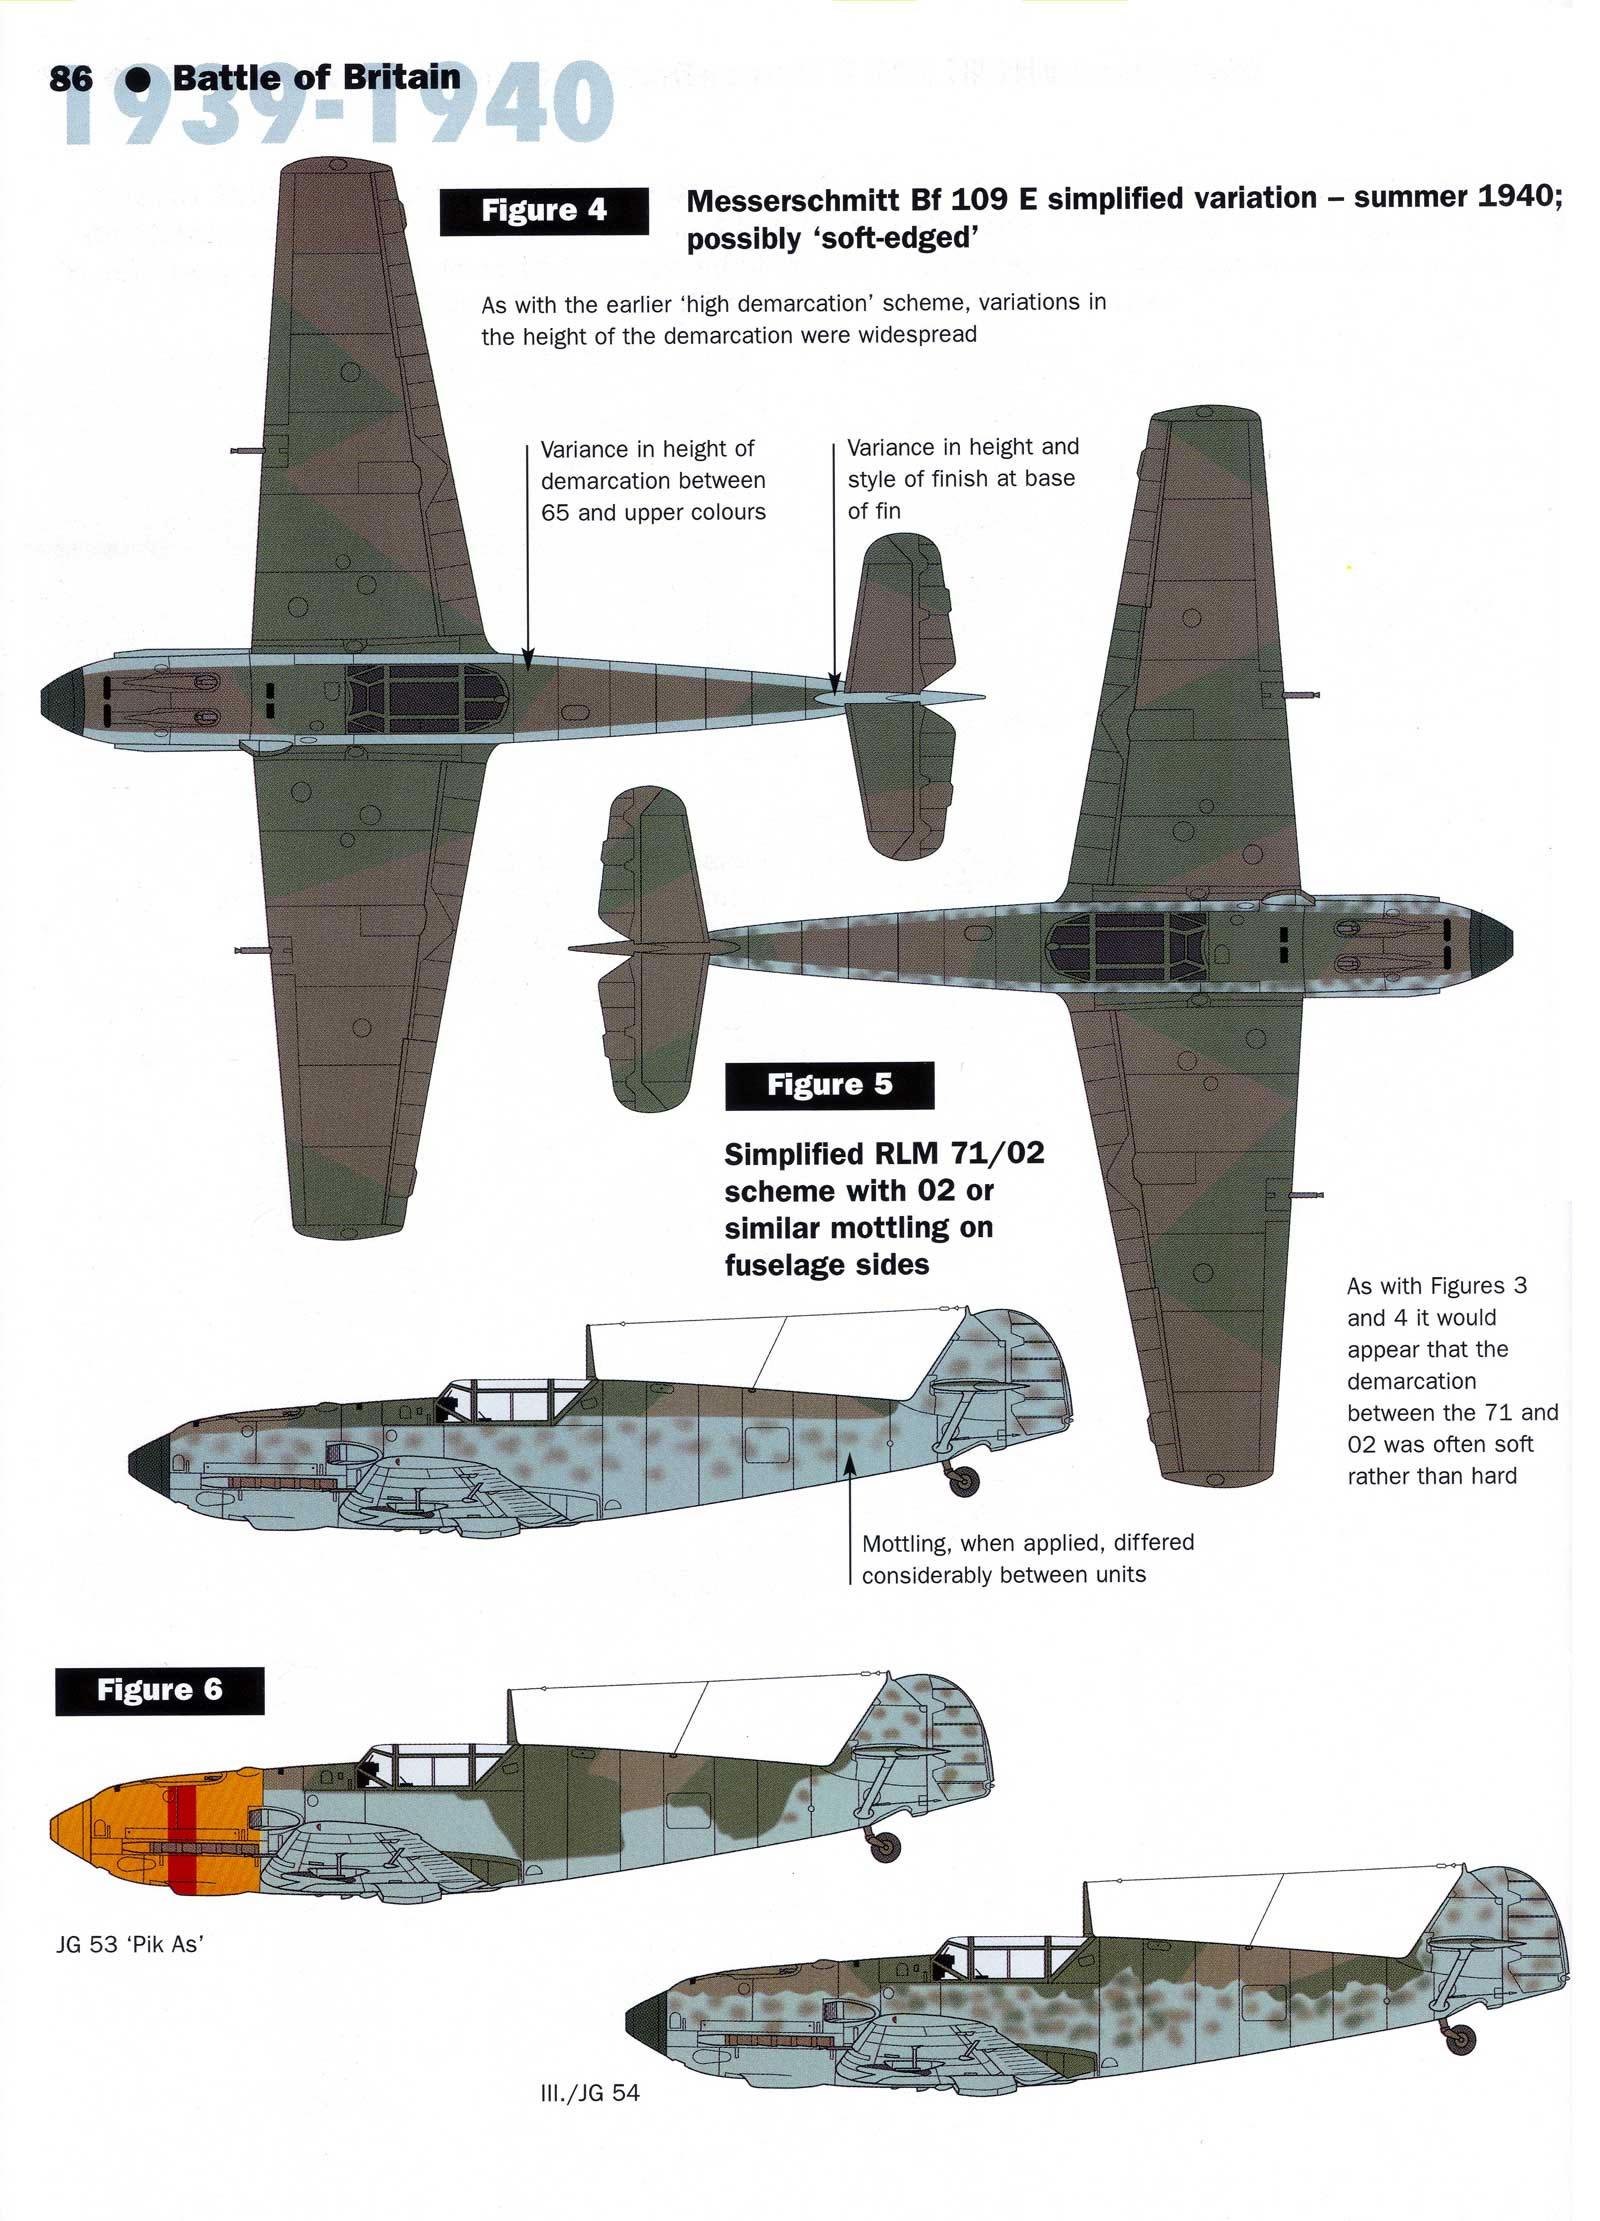 Art Messerschmitt Bf 109E RLM 70 02 simplified 1940 scheme 01